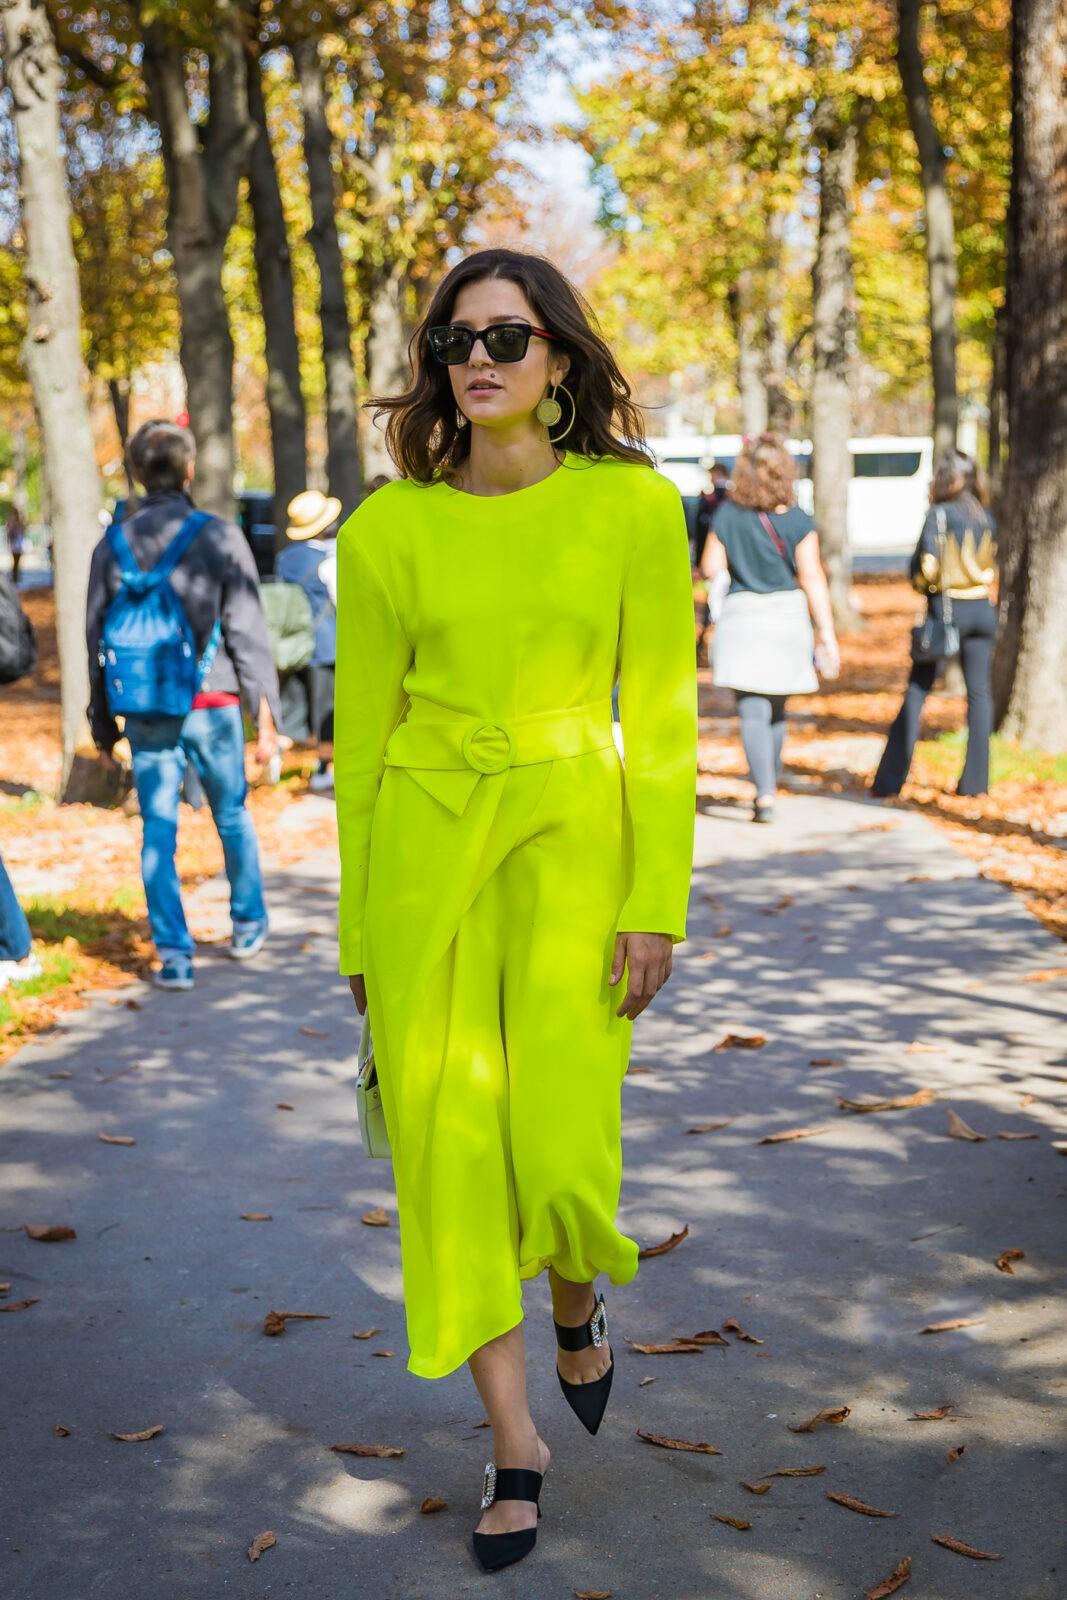 Eleonora Carisi neon stylebook editseven